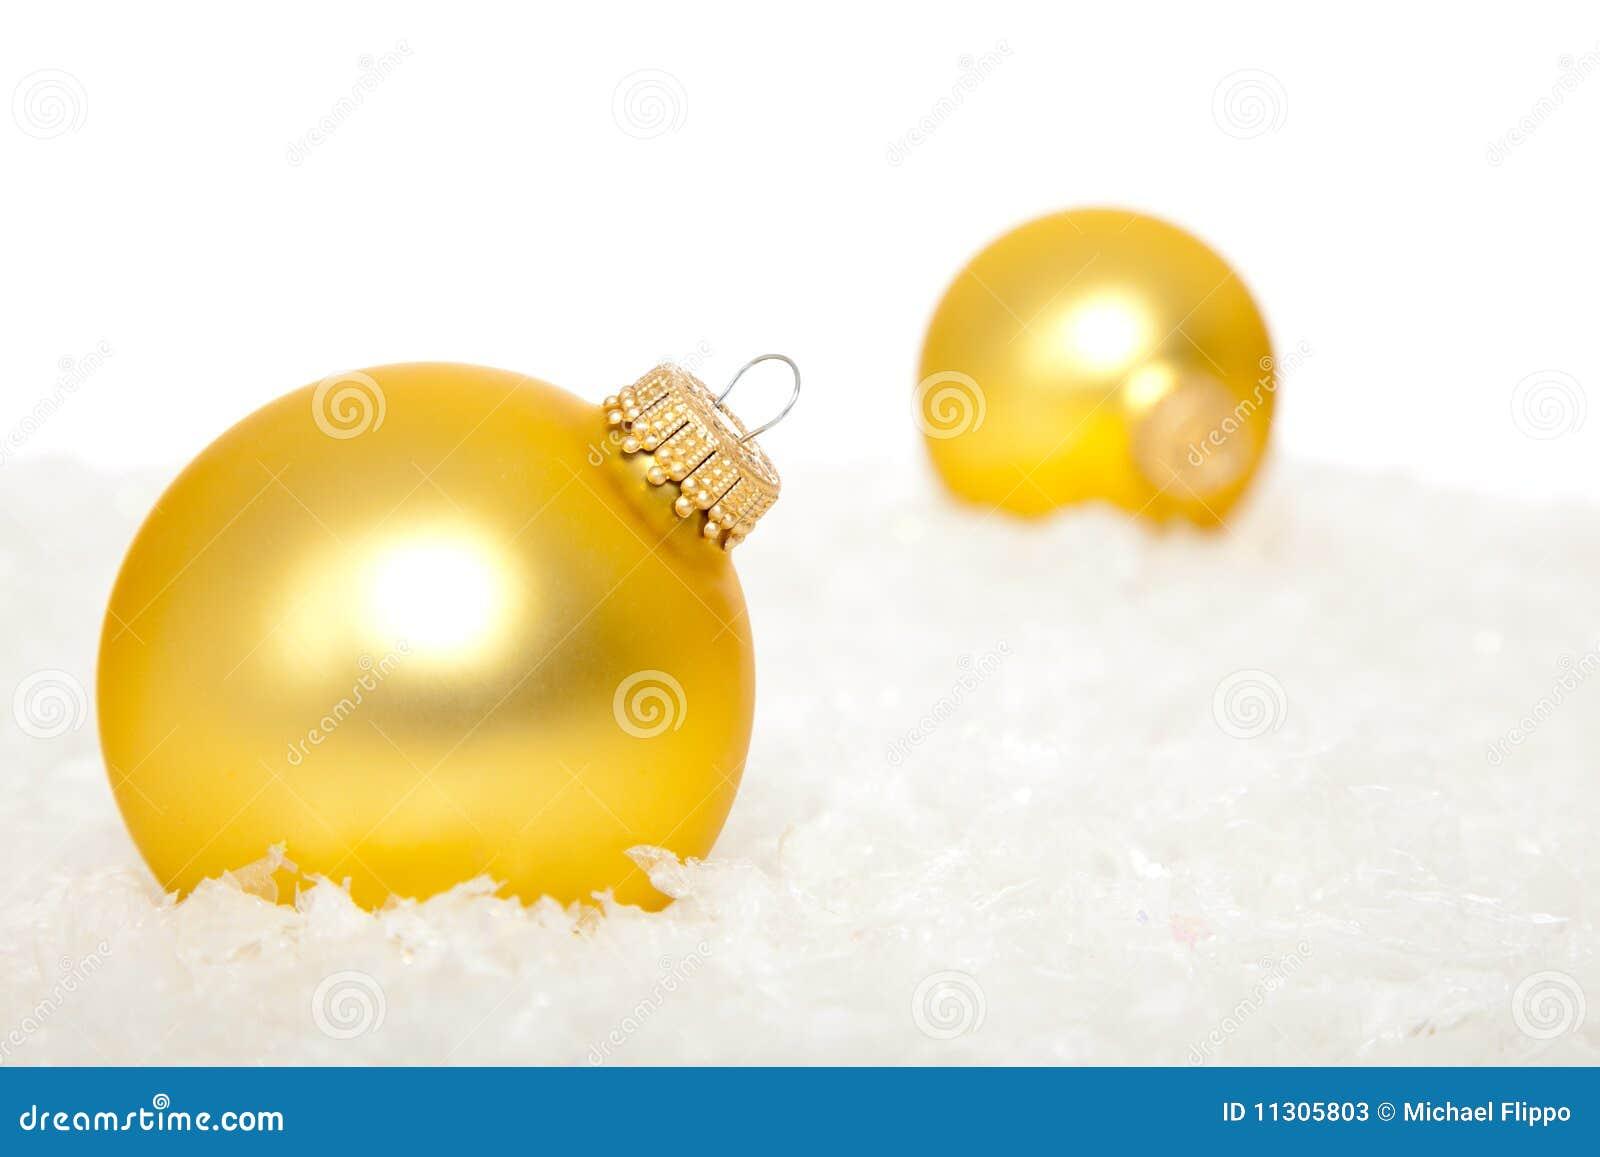 Goldweihnachtsverzierungen im Schnee